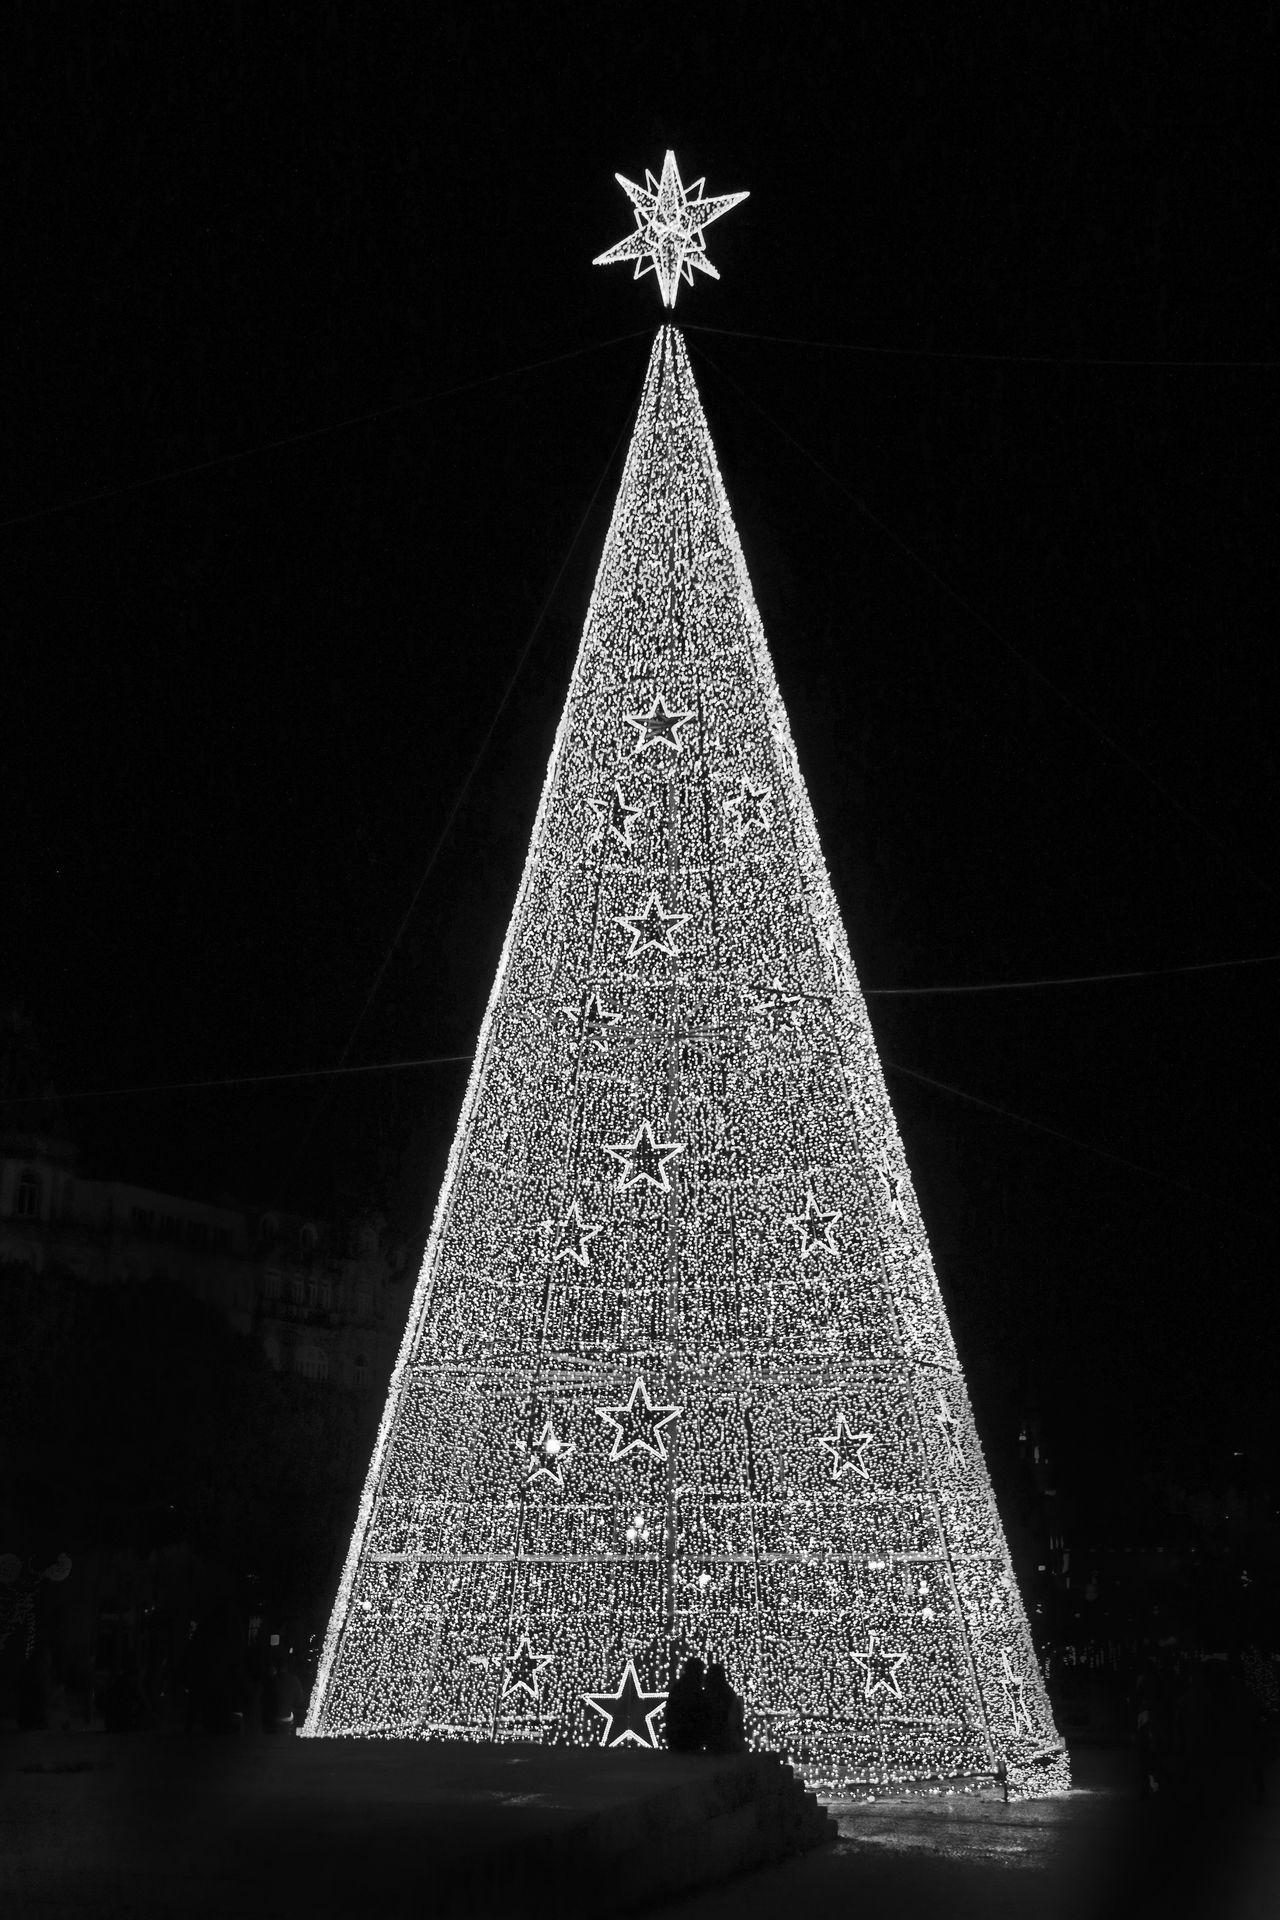 Christmas 2016 Christmas Around The World Christmas At Porto Christmas Lights Christmas Tree No People Porto Portugal Xmas Xmas At Porto Xmas Tree